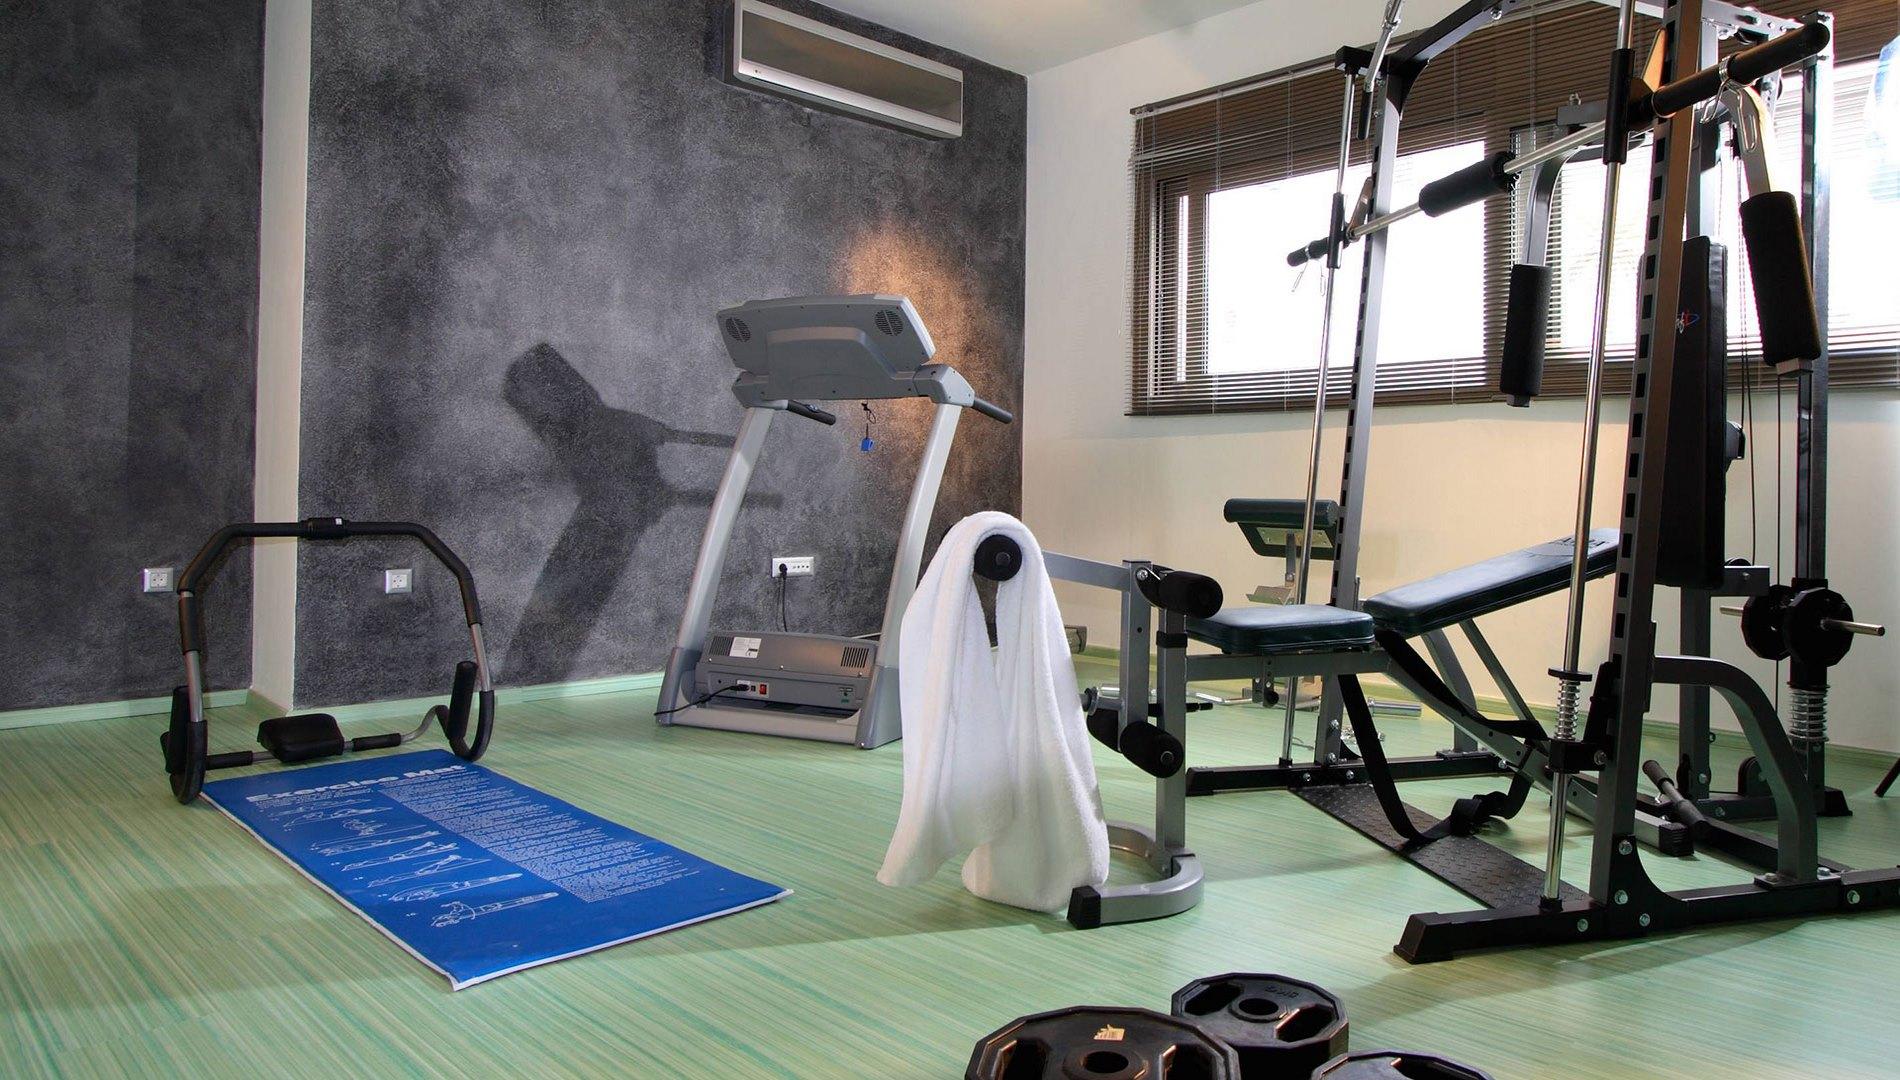 Gym-play room 5 (Копировать)